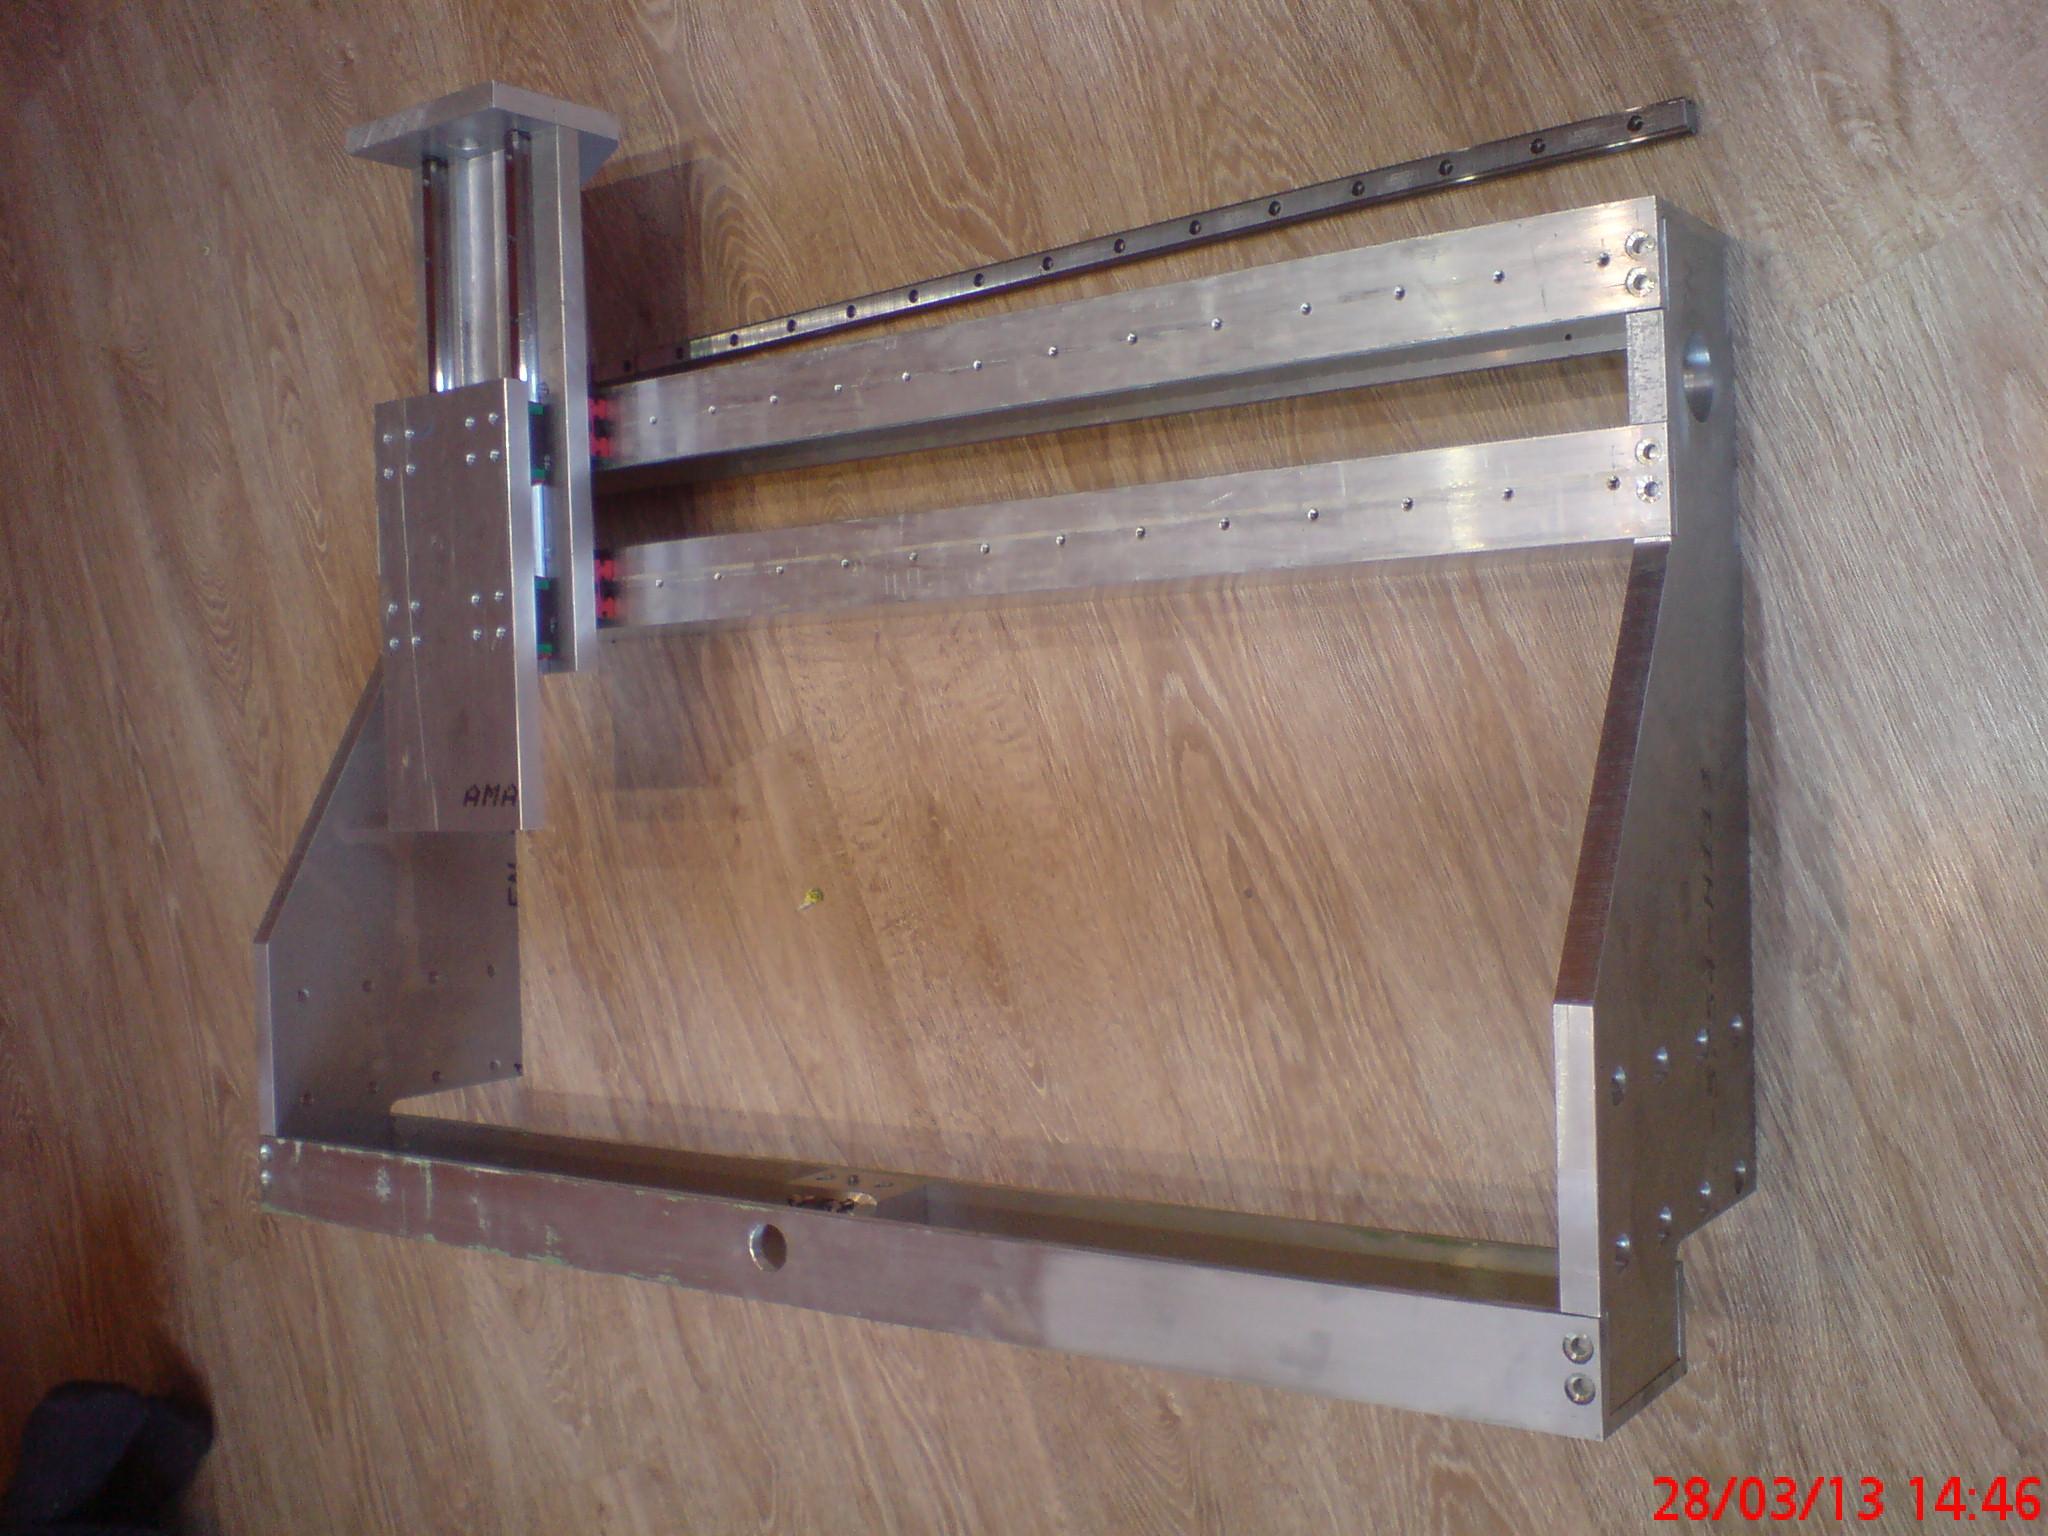 Ploter, frezarka CNC. Pocz�tek budowy